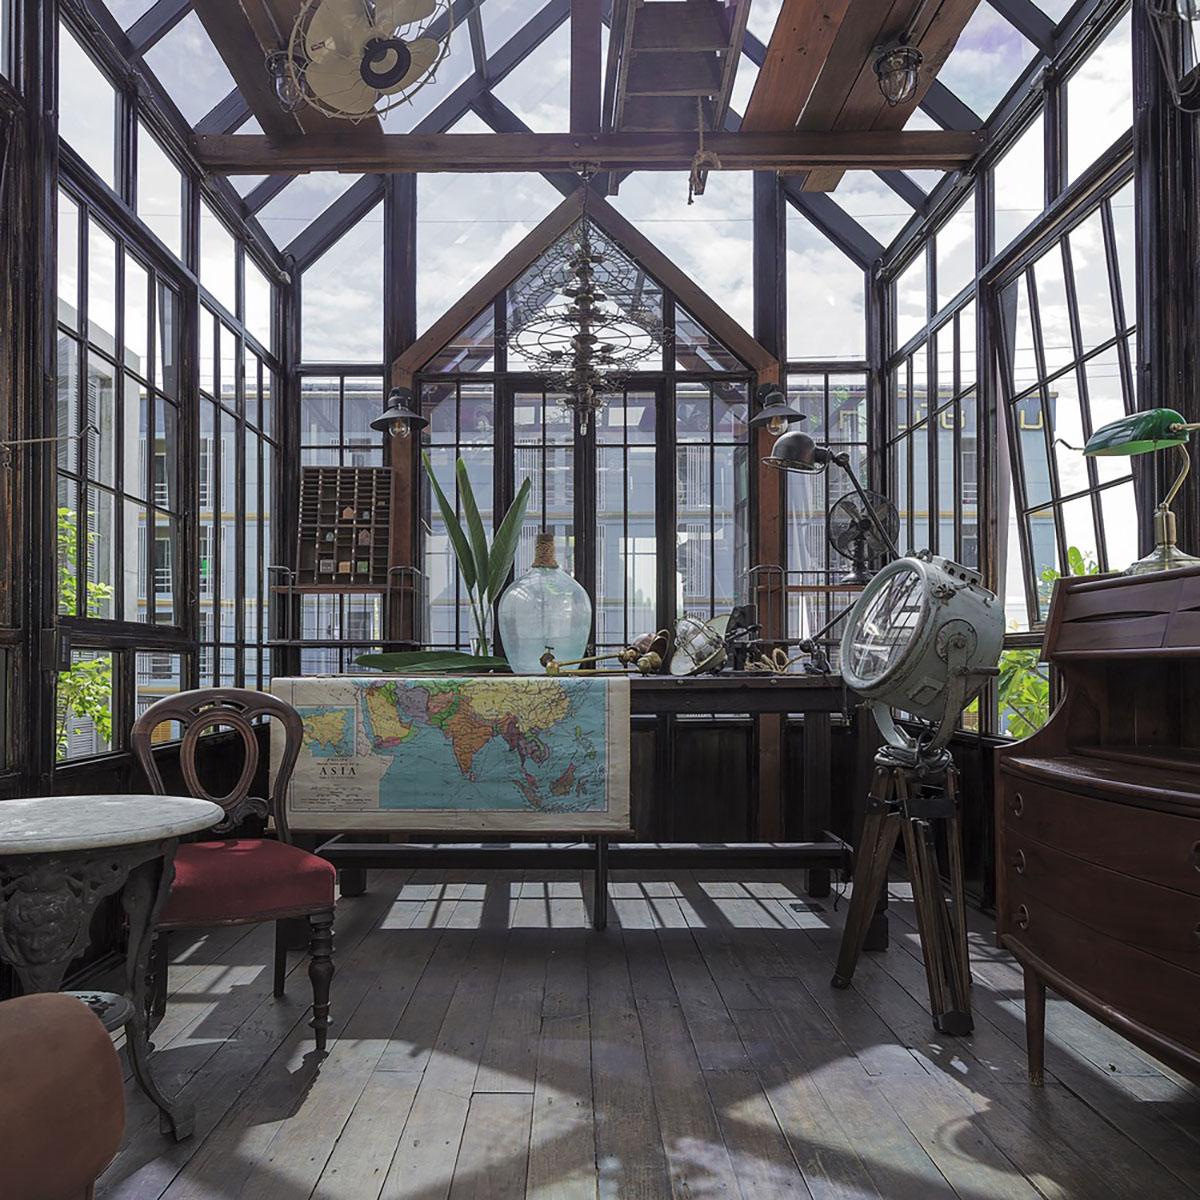 Artisan House - Thử nghiệm kết hợp vật liệu và thủ công địa phương | Proud Design